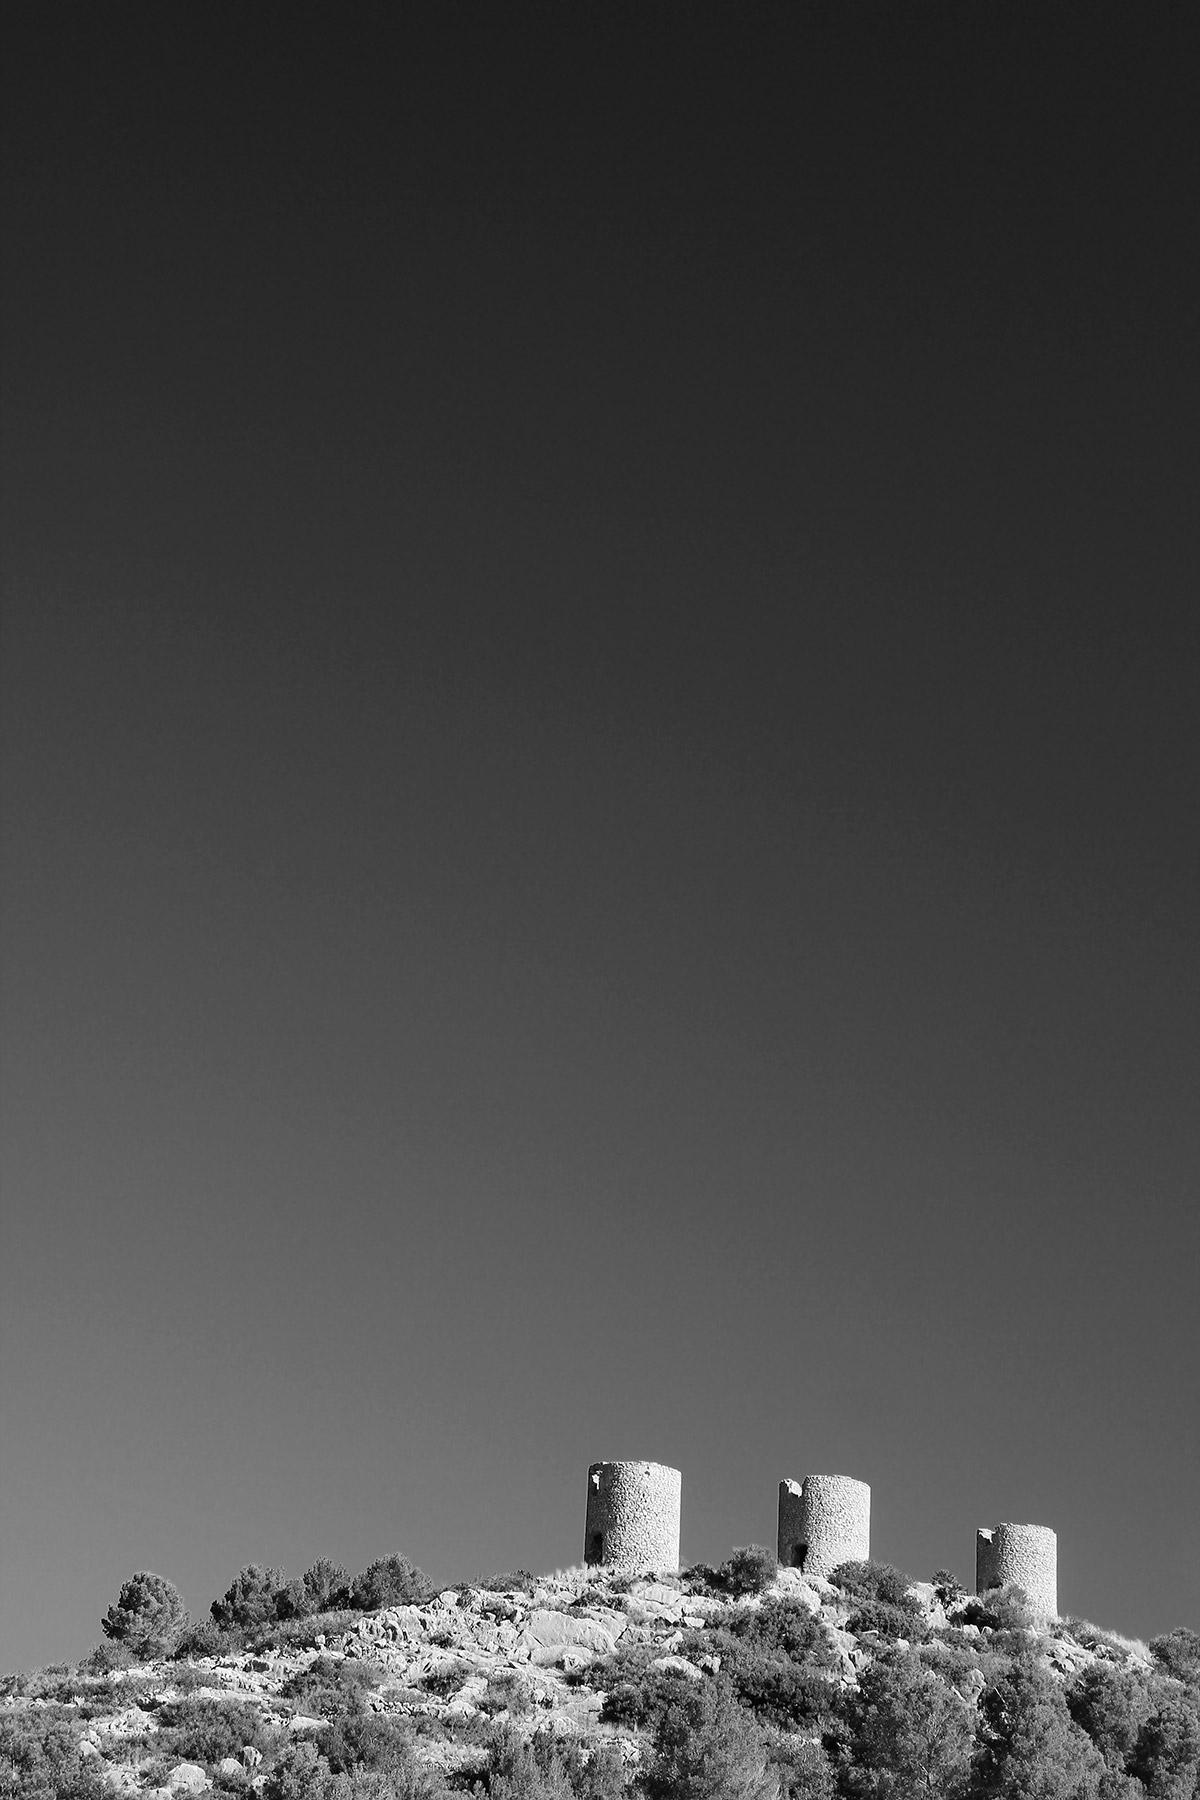 segona-millor-coleccio-Andres-Segovia-04-red